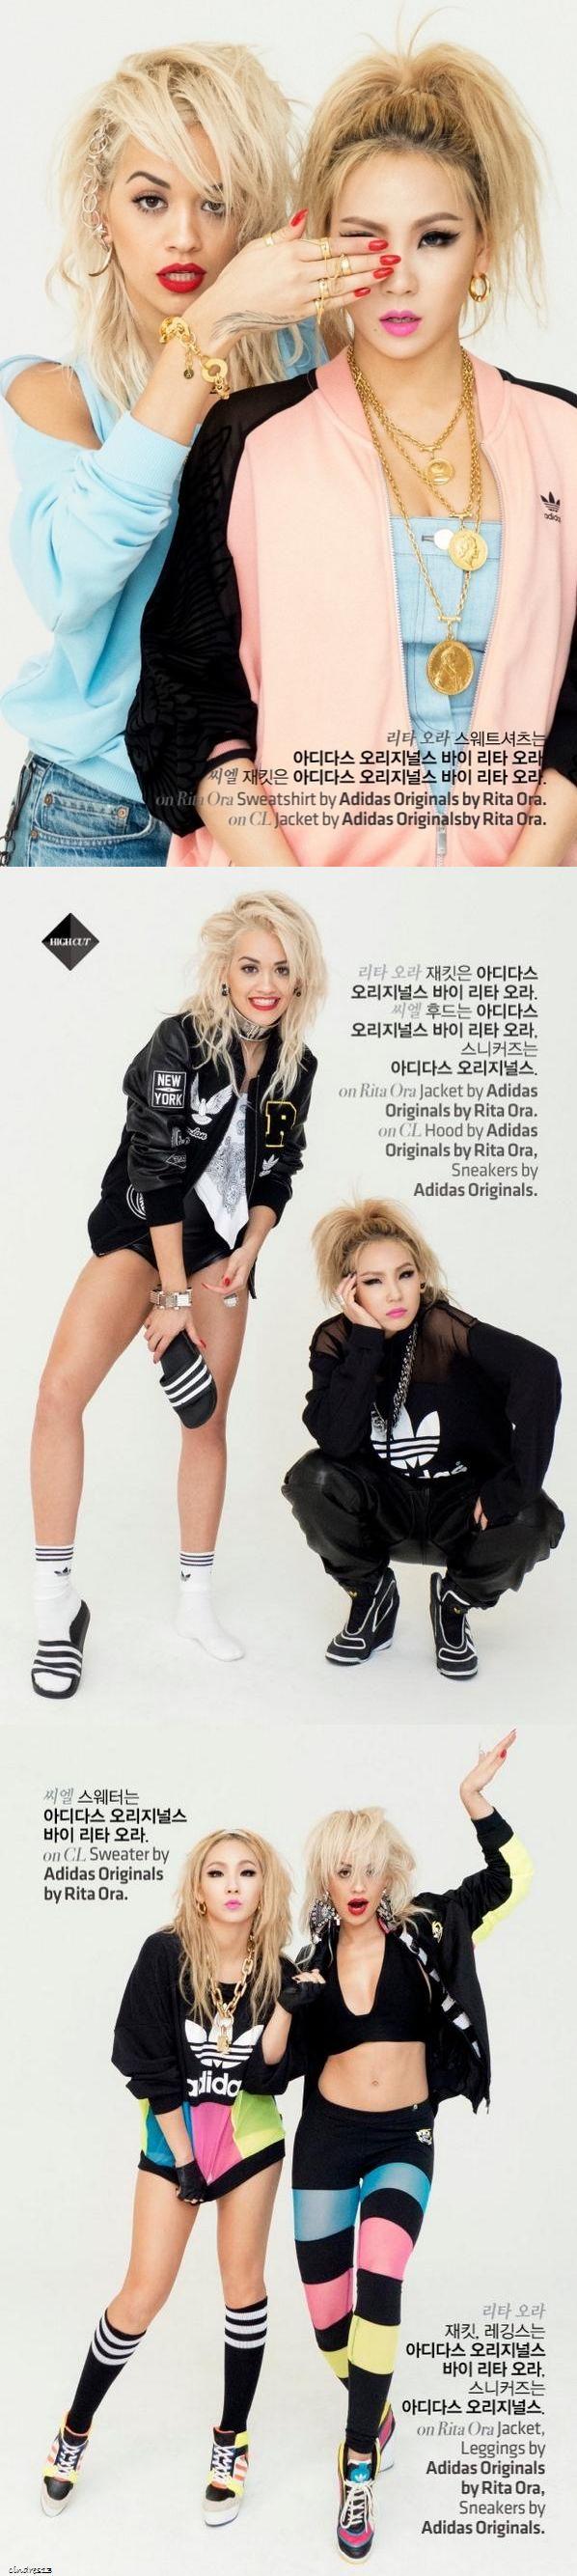 [HQ] 2NE1 CL & Rita Ora for High Cut ❤️